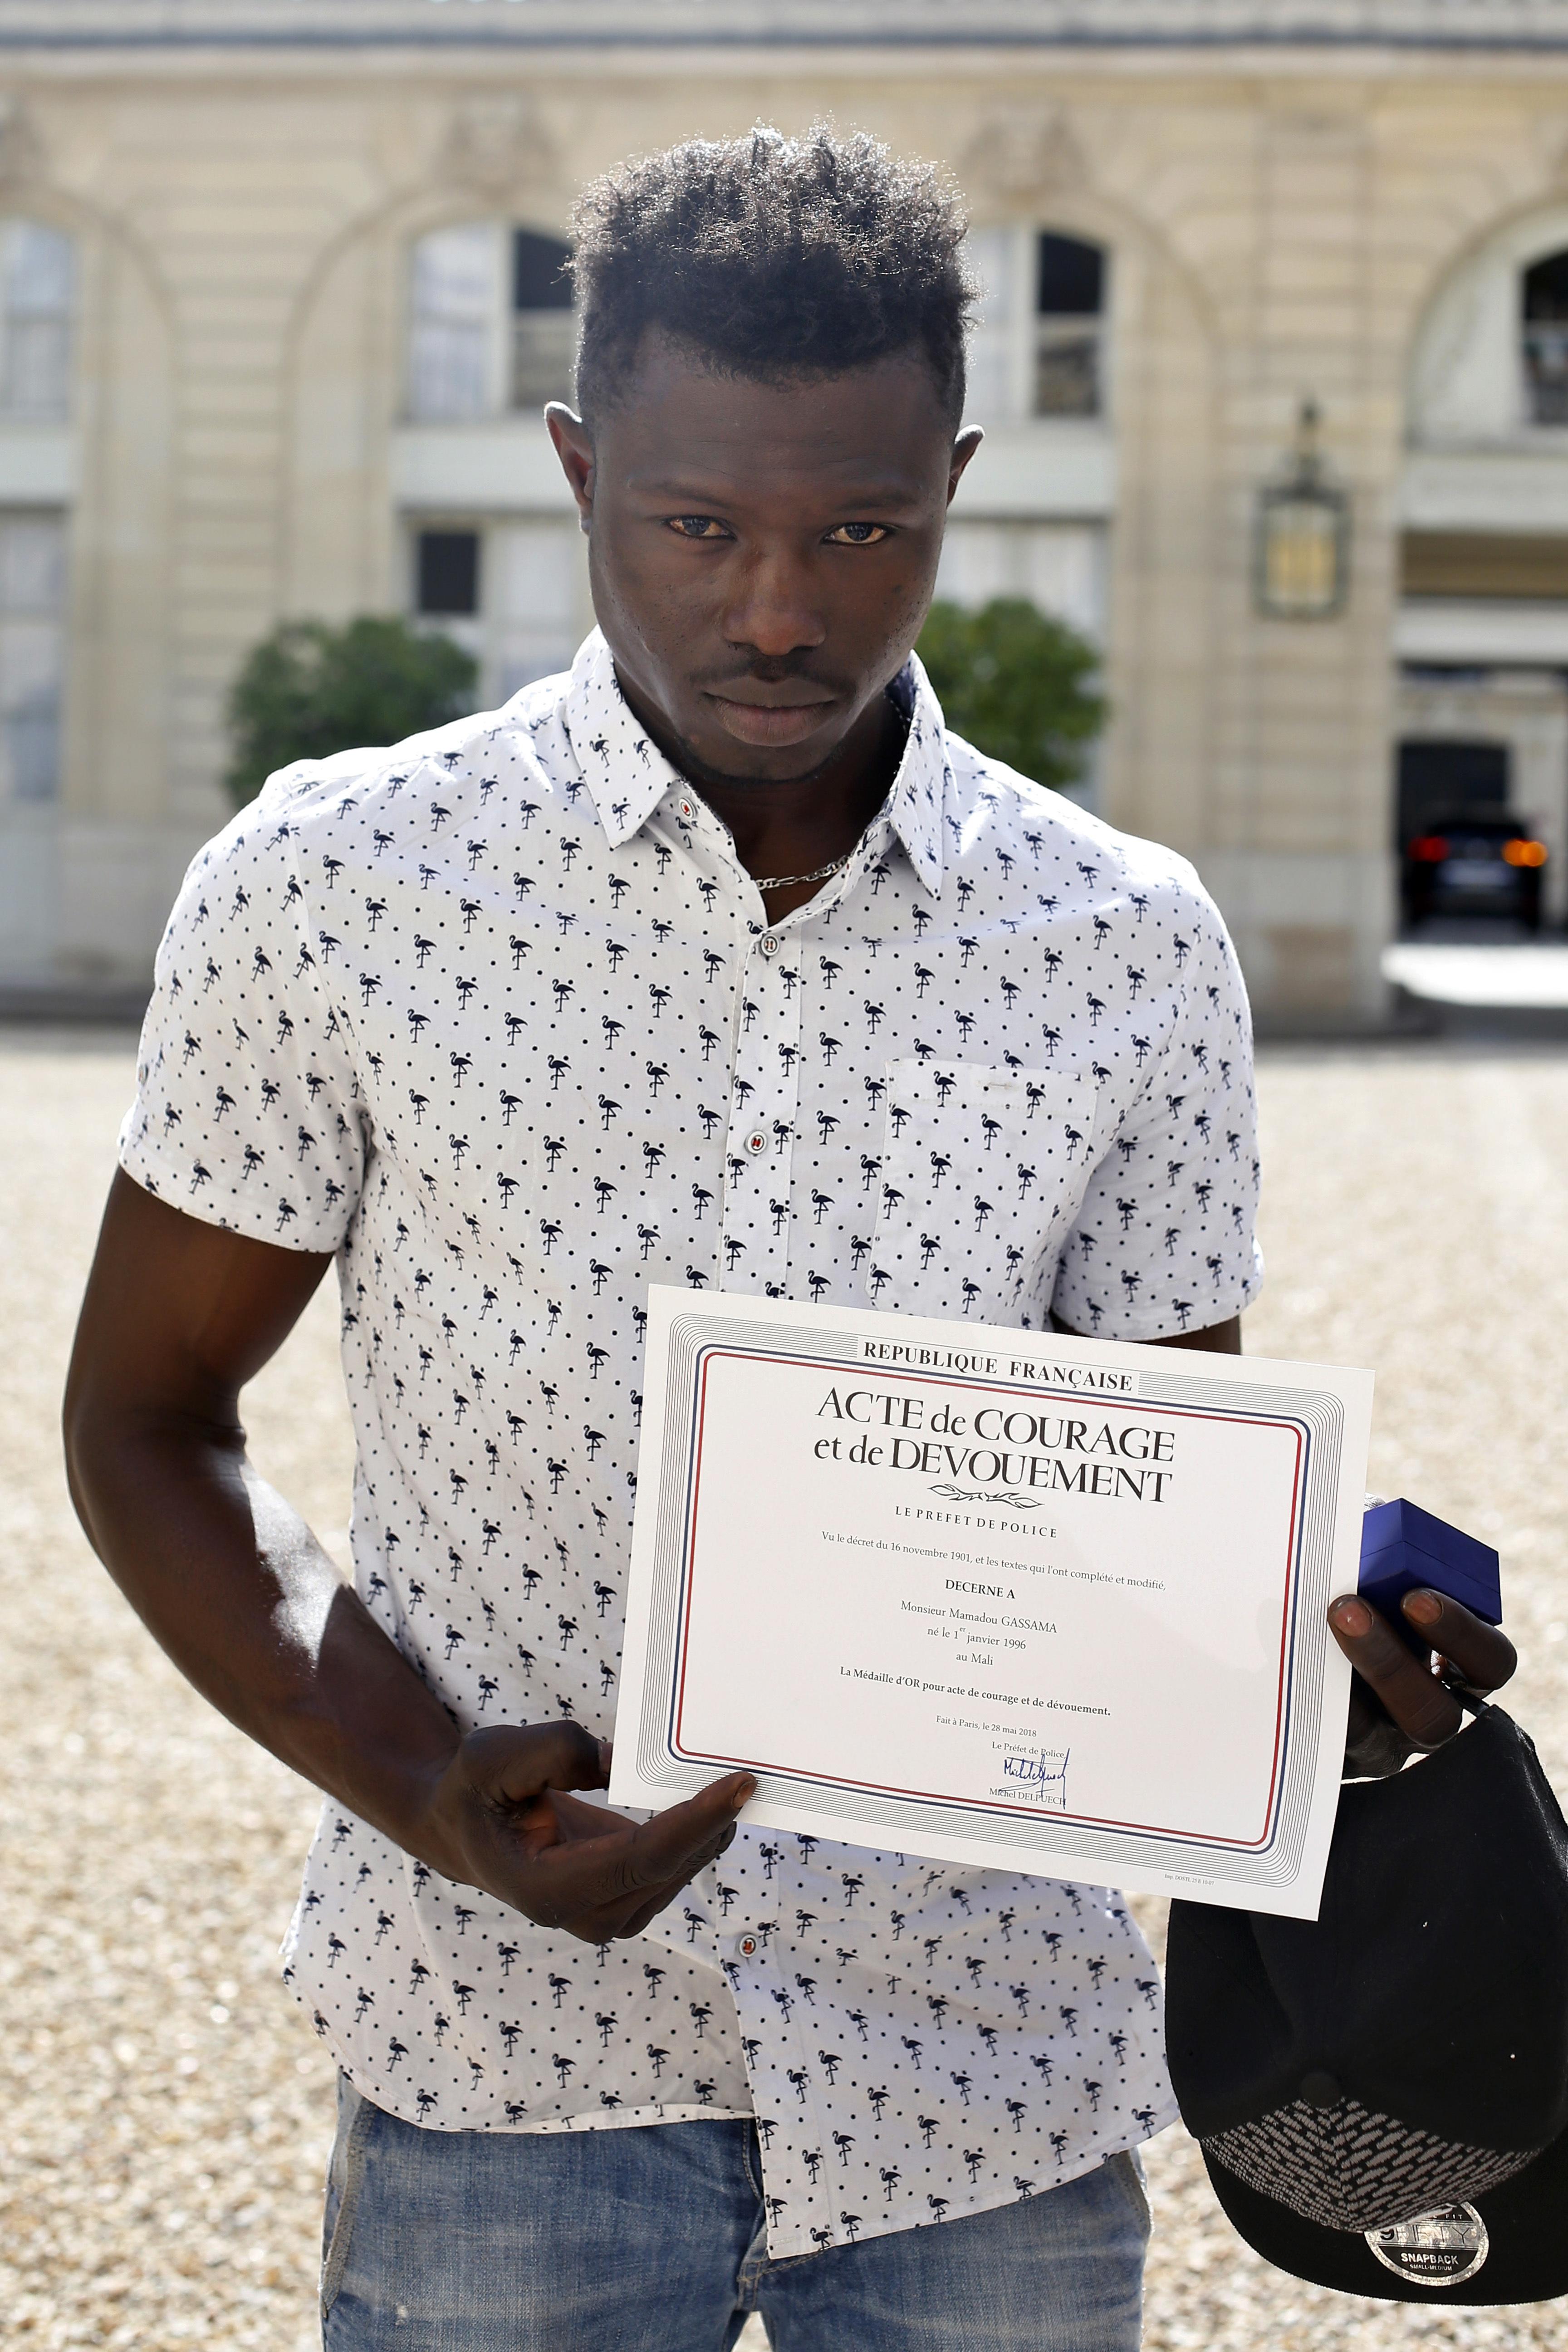 Mamoudou Gassama. Credit: PA